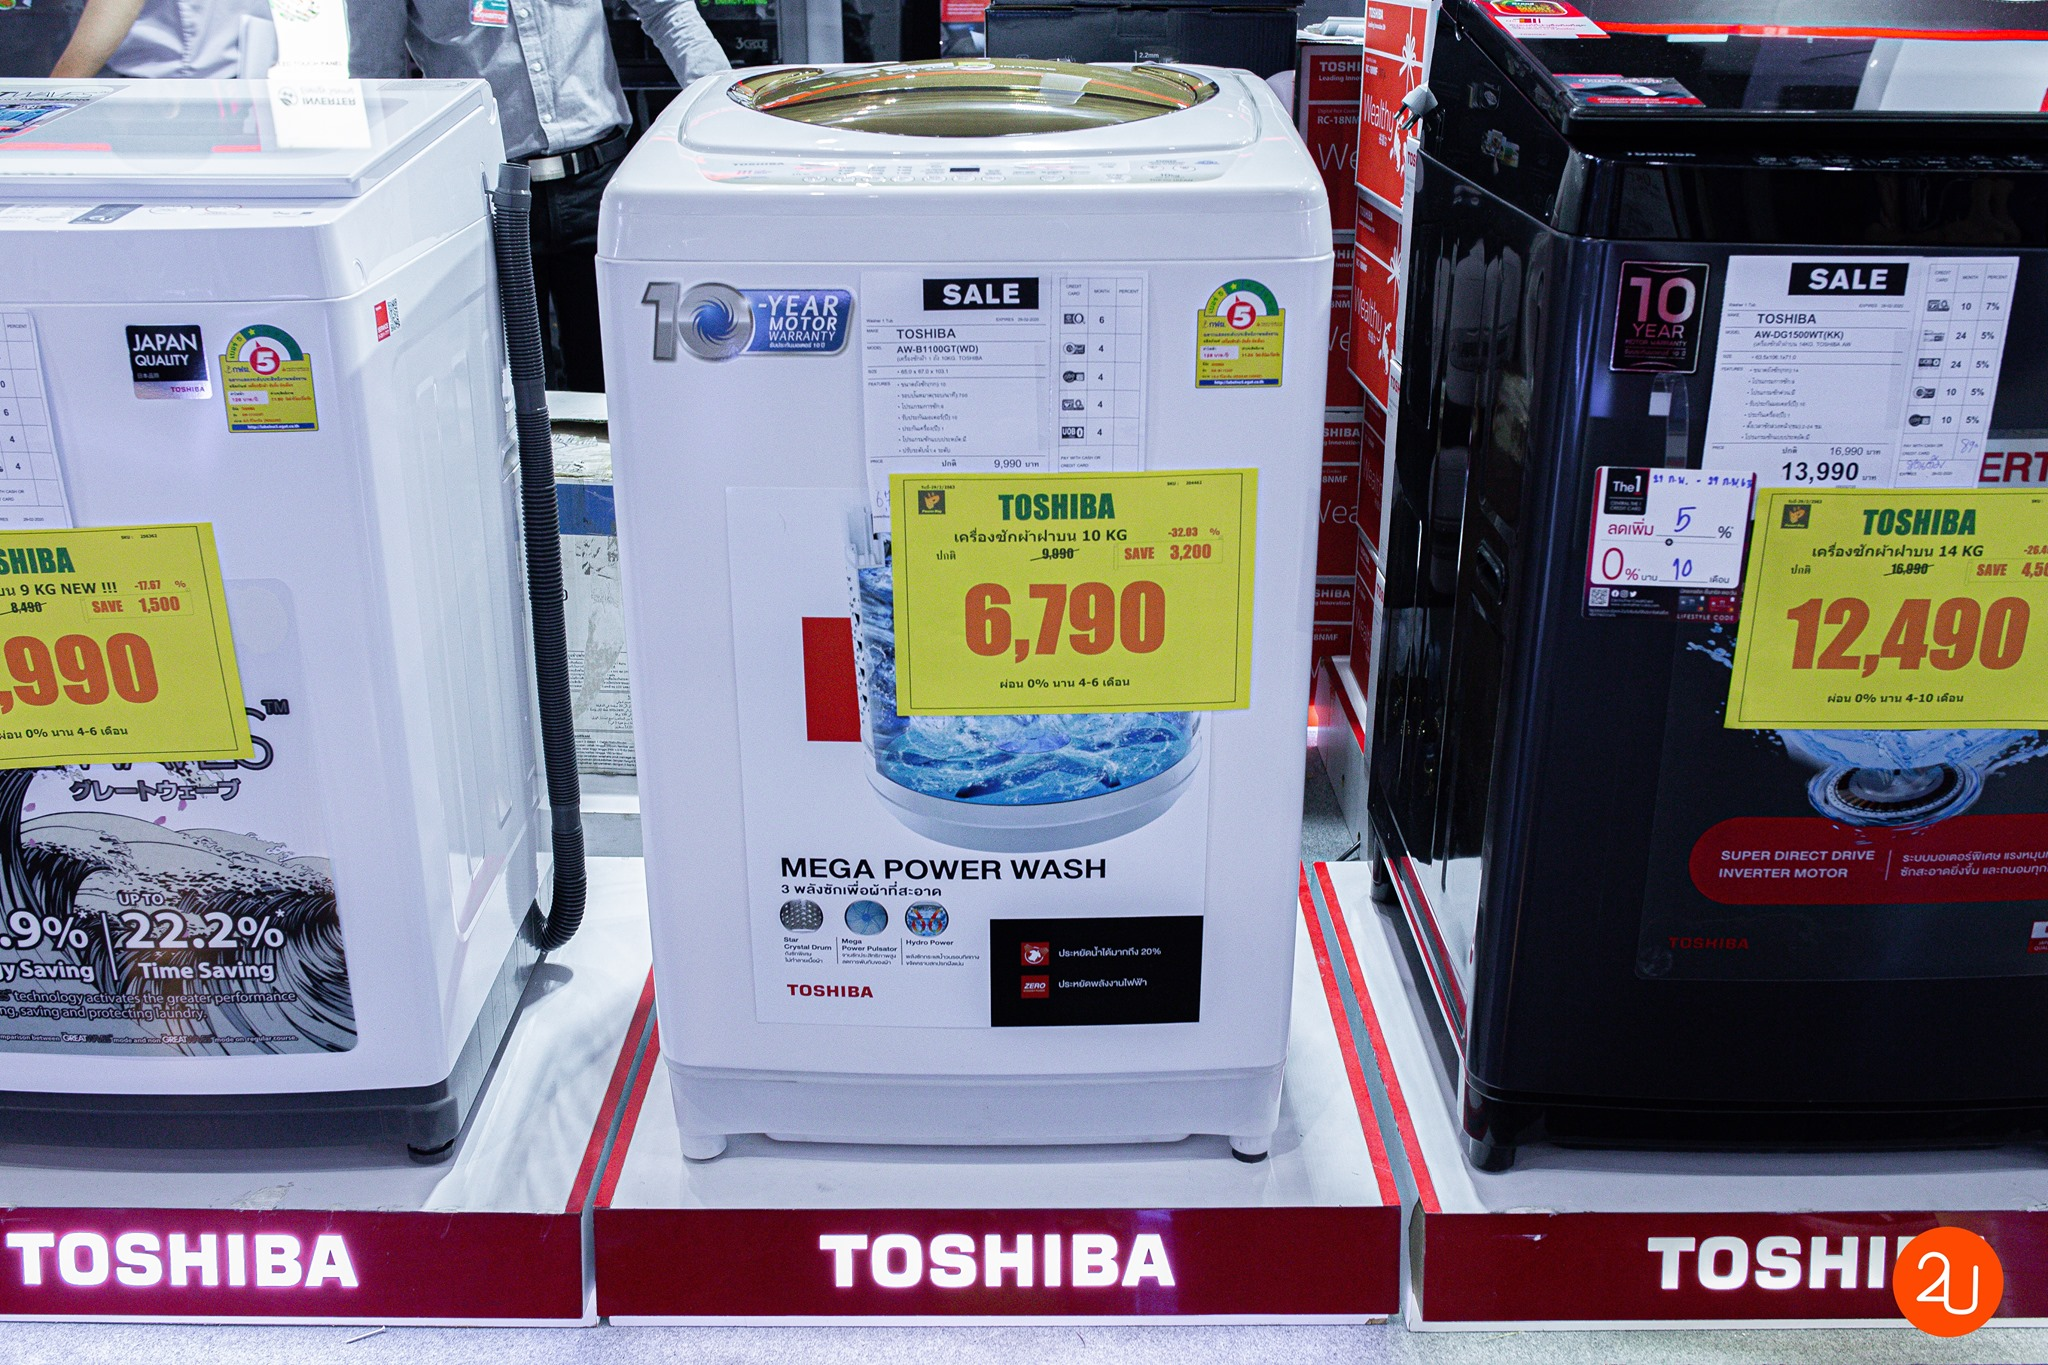 เครื่องซักผ้า Toshiba เหลือเพียง 6,790.- (จากปกติ 9,990.-)